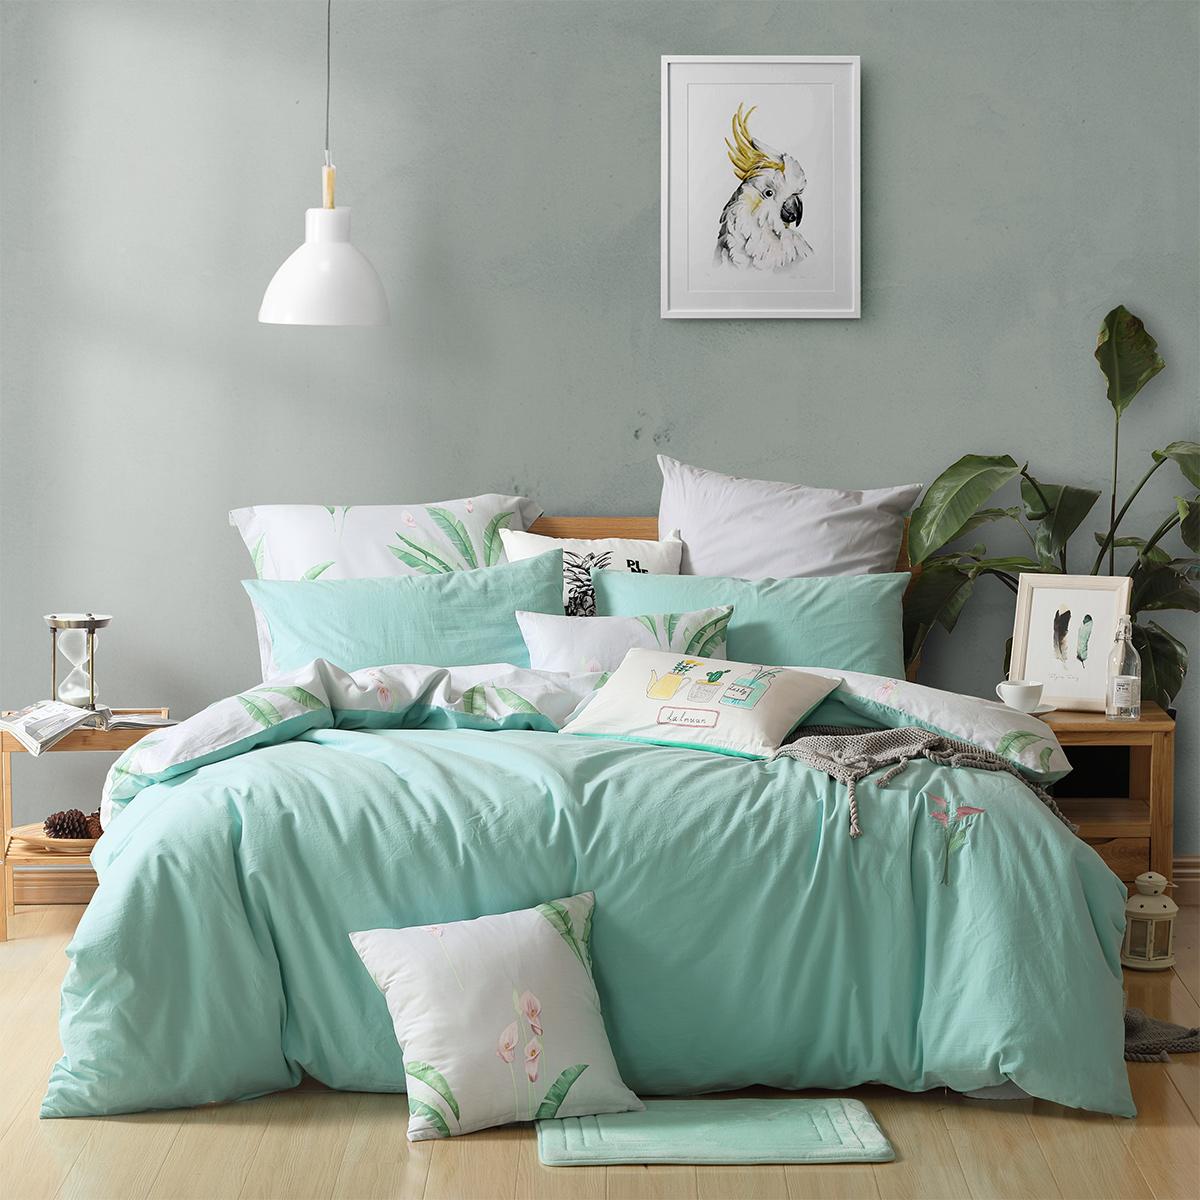 水星家纺水洗棉四件套纯棉全棉北欧简约被套床单床品1.8m简.风雅